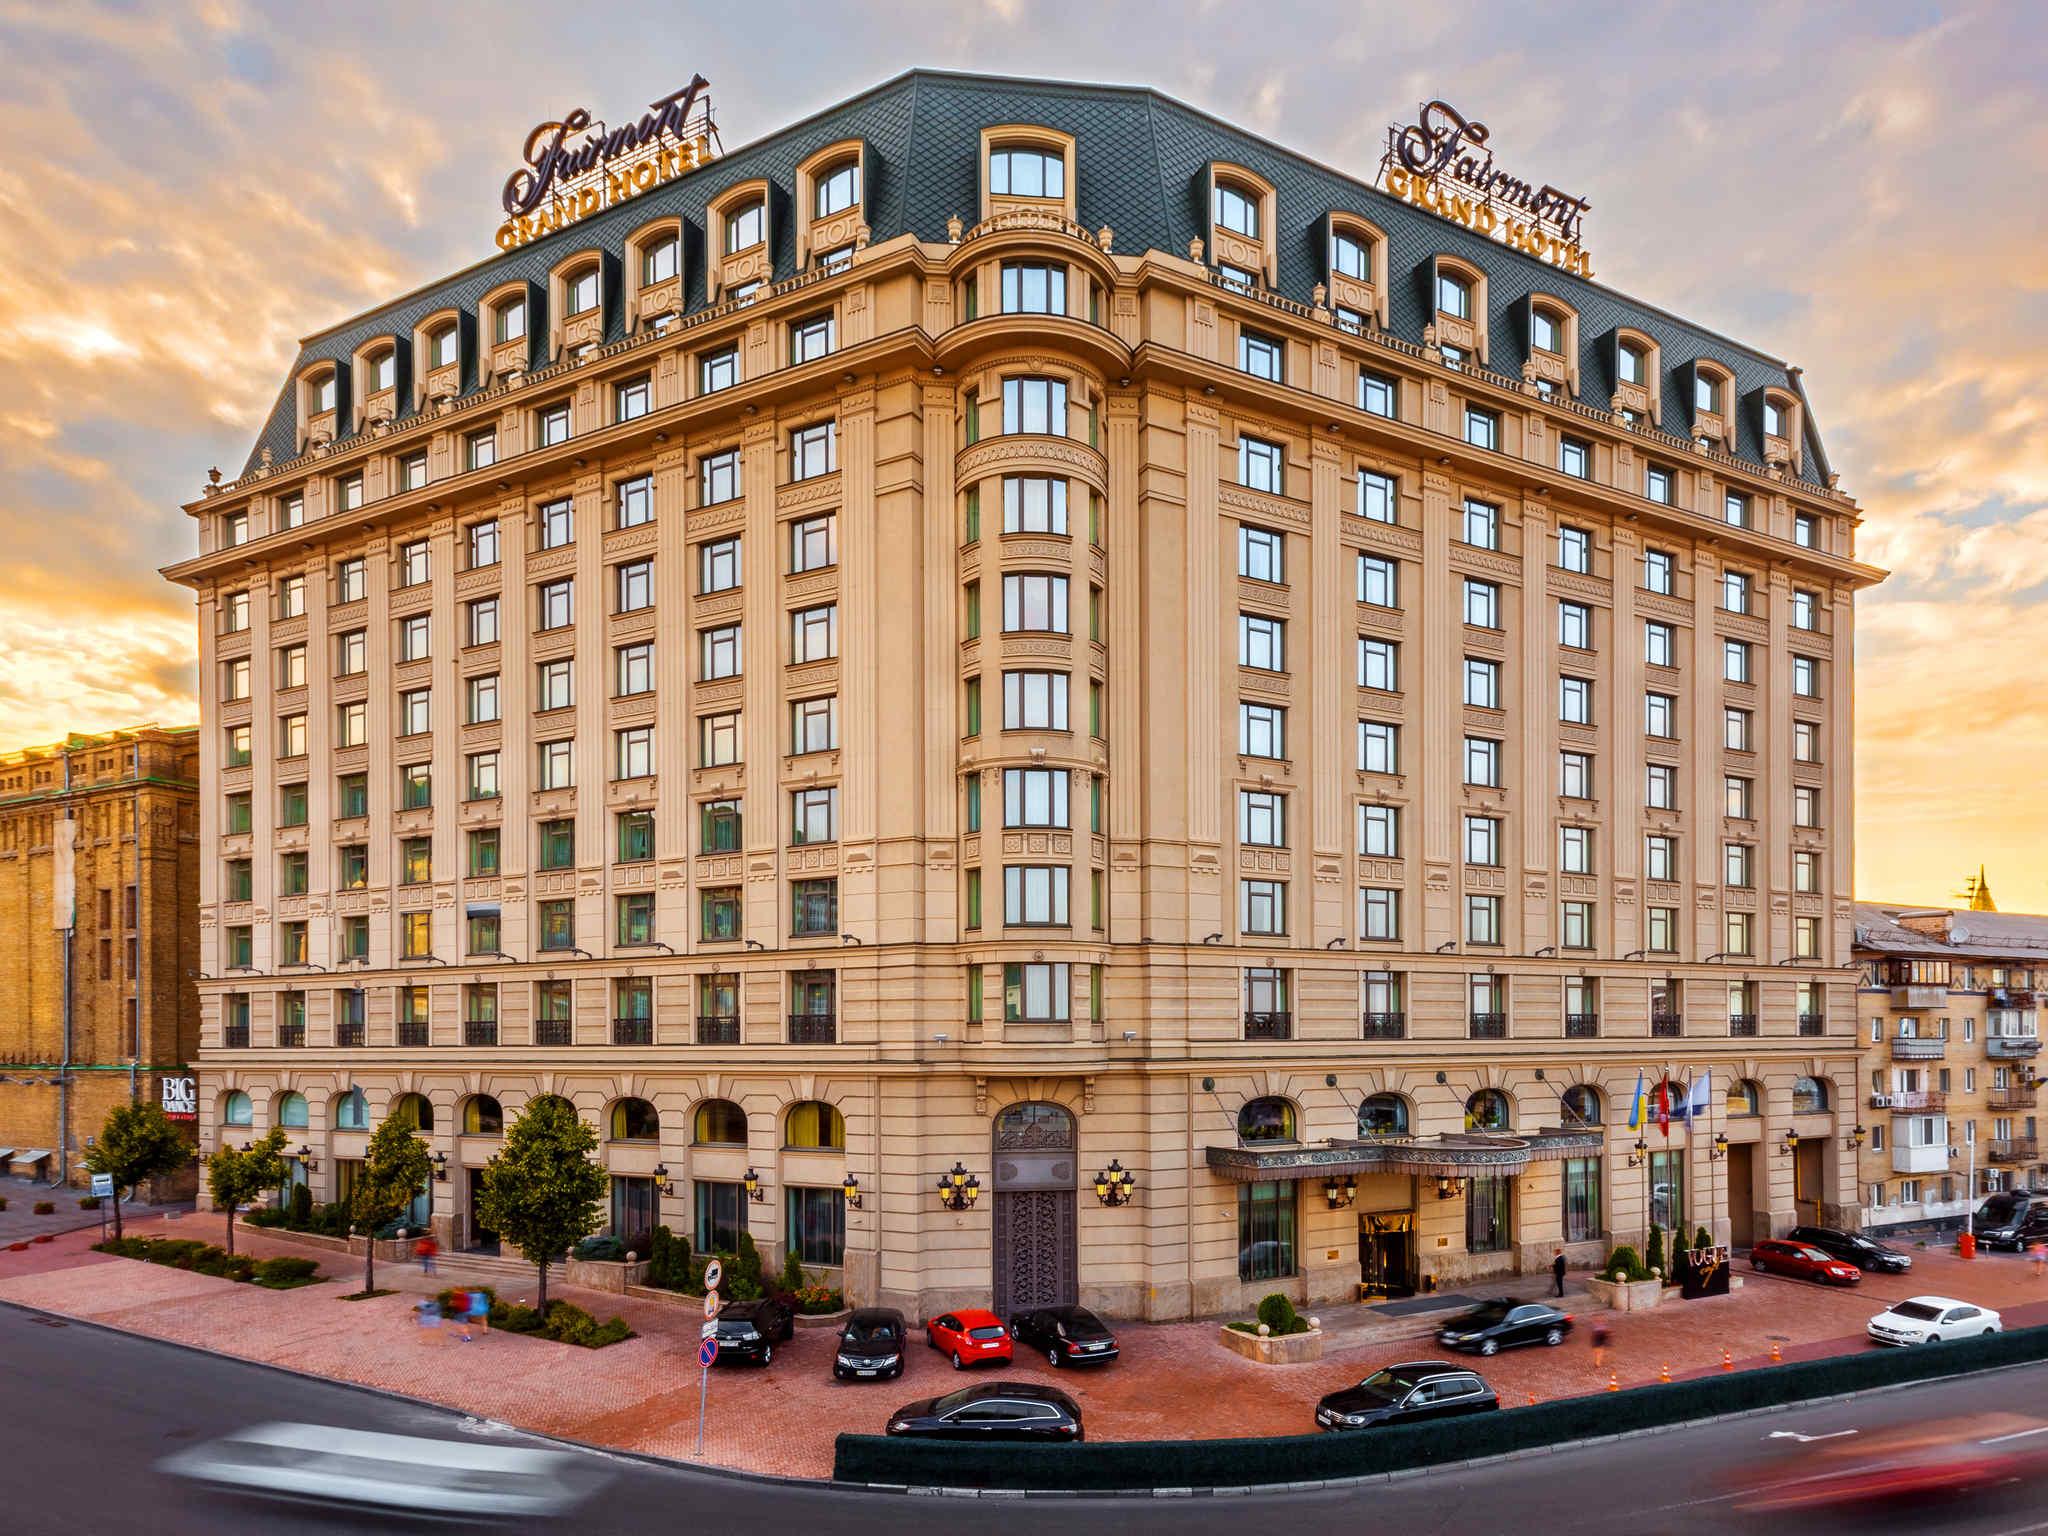 Otel – Fairmont Grand Hotel - Kyiv